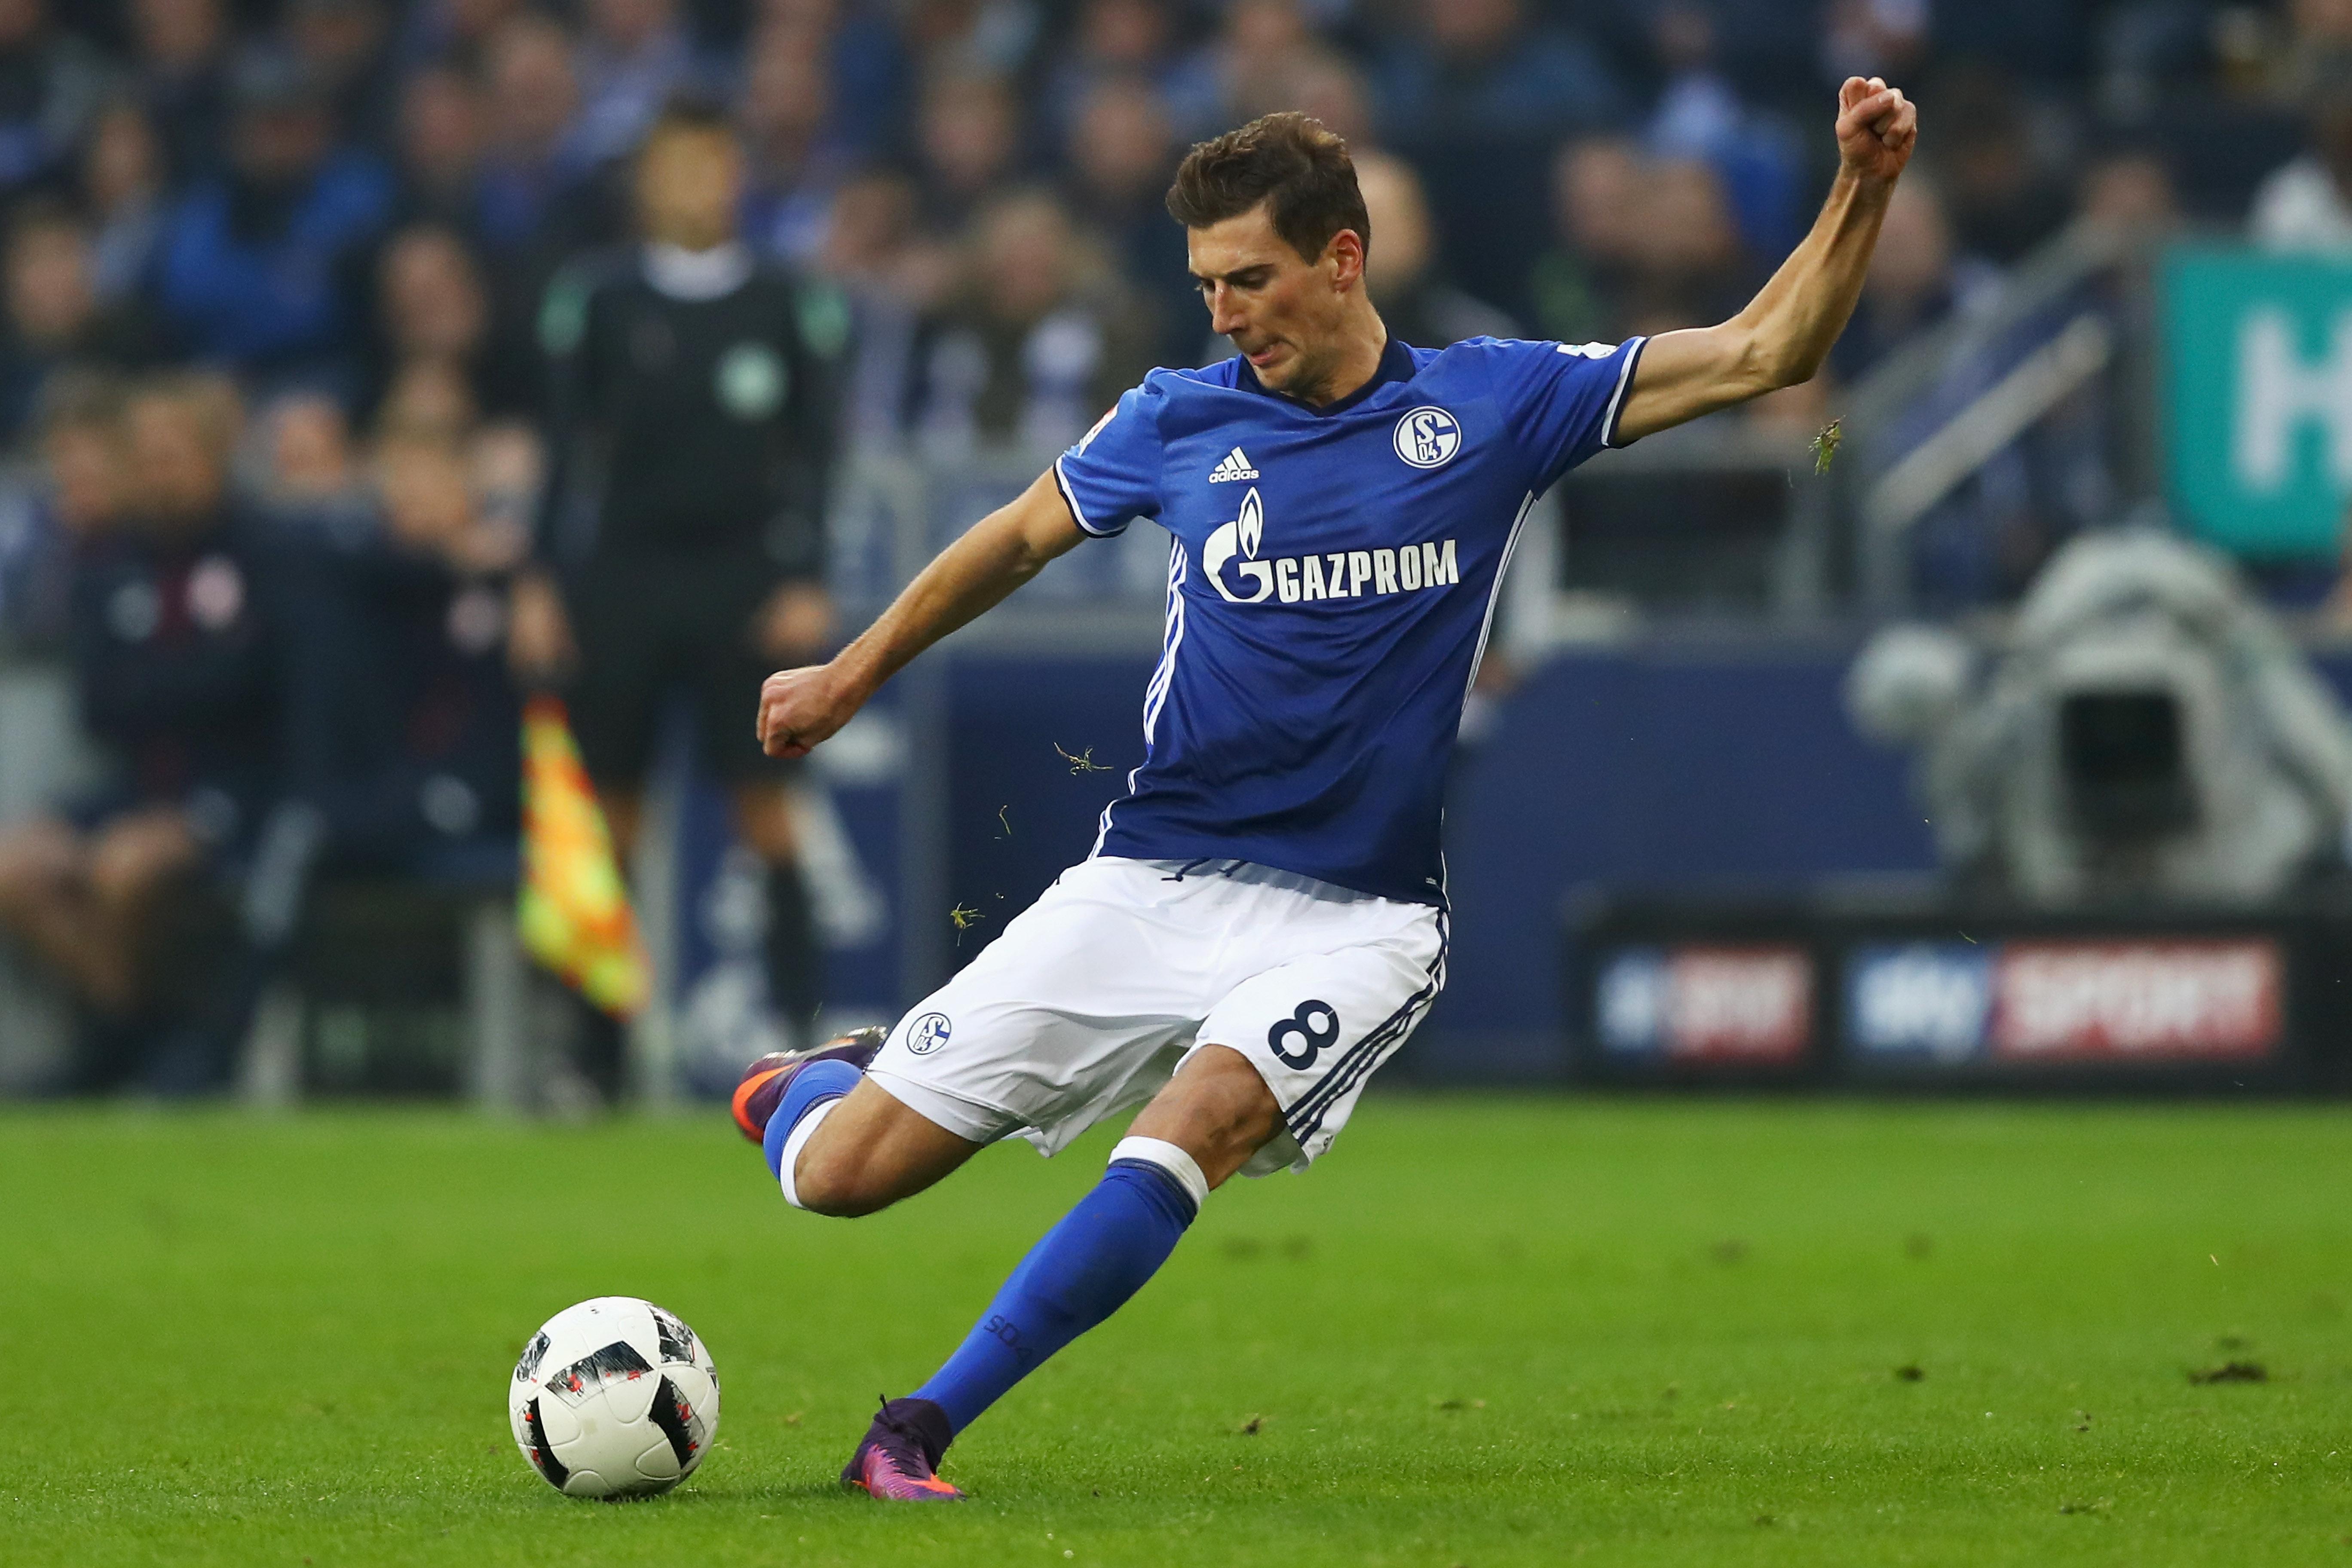 Leon Goretzka, l'étoile montante du football allemand